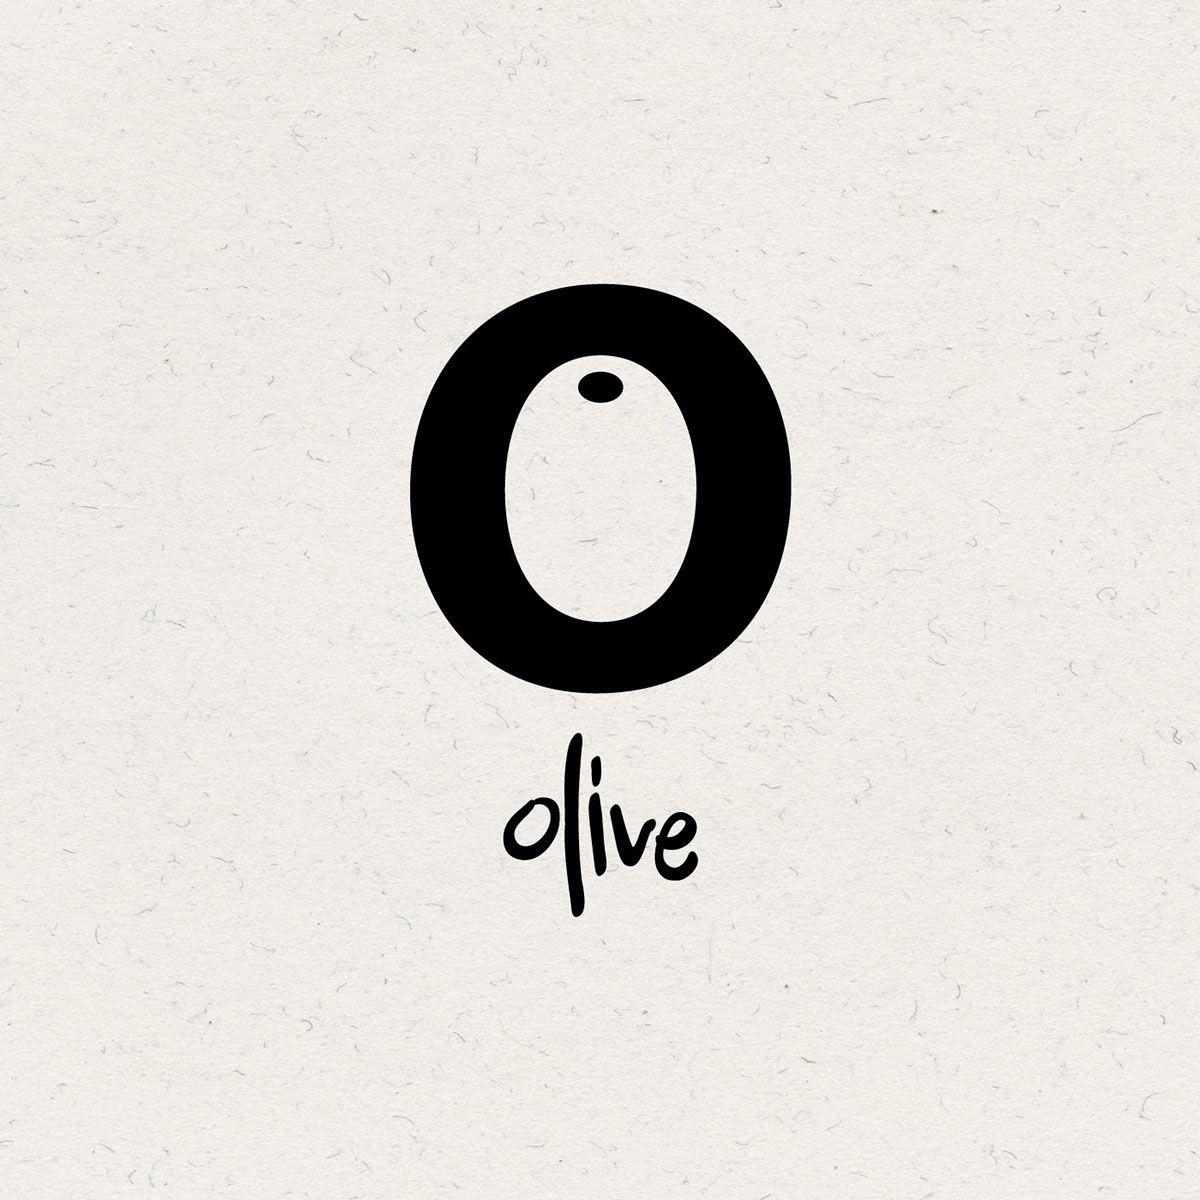 i like the font on the olive inside the o. the 'o' itself